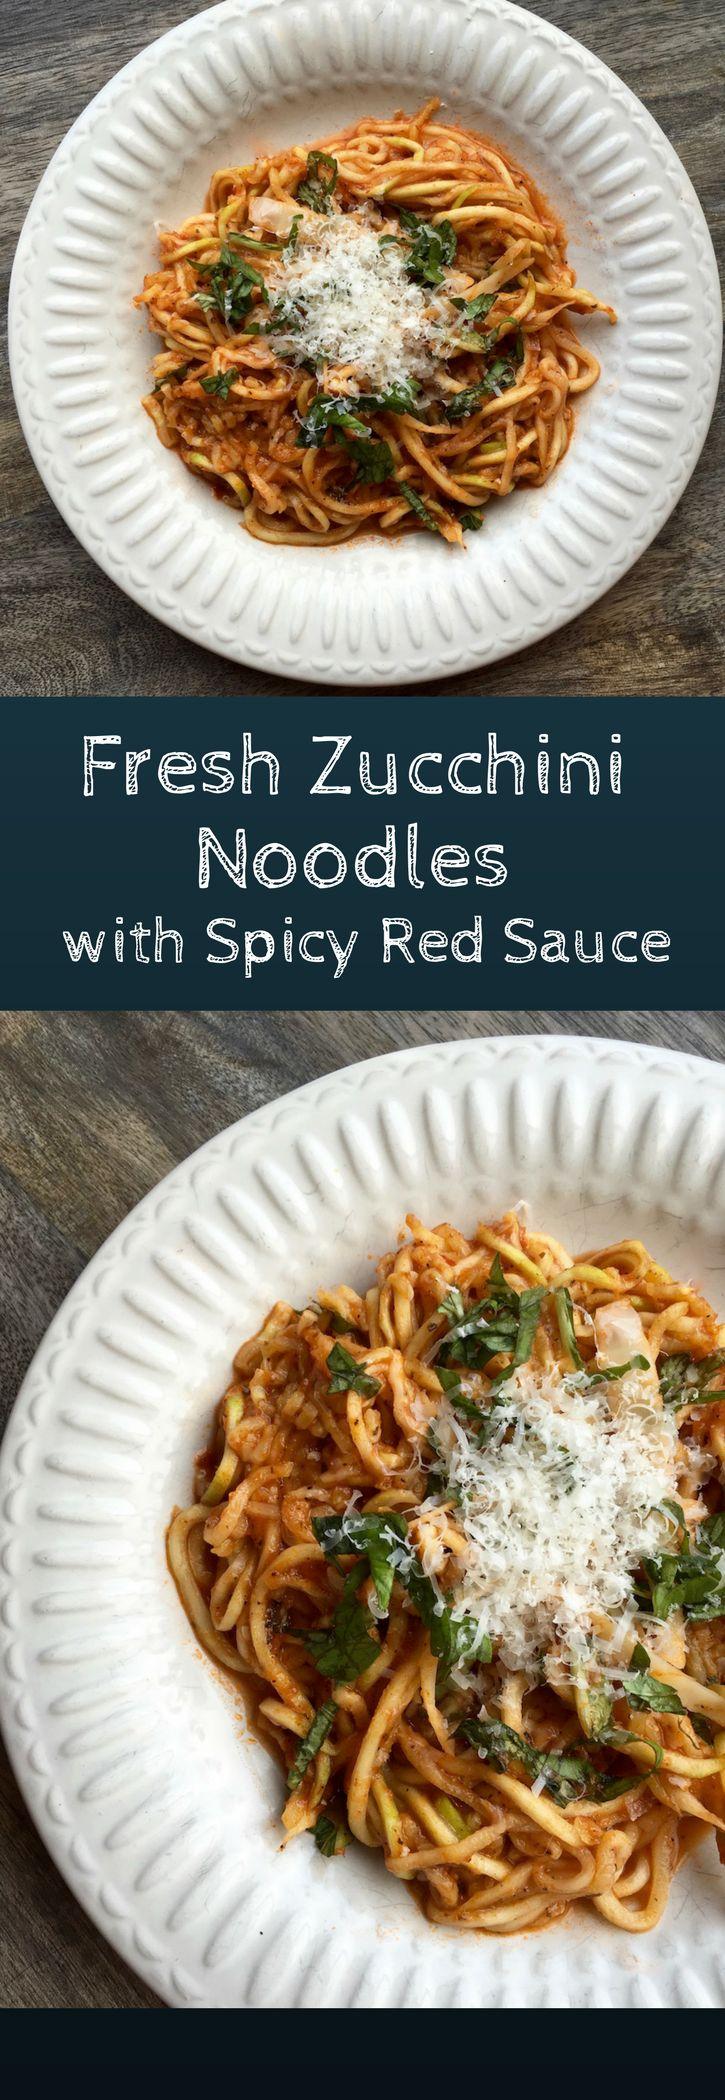 Zucchini Noodles with Arrabbiata Sauce